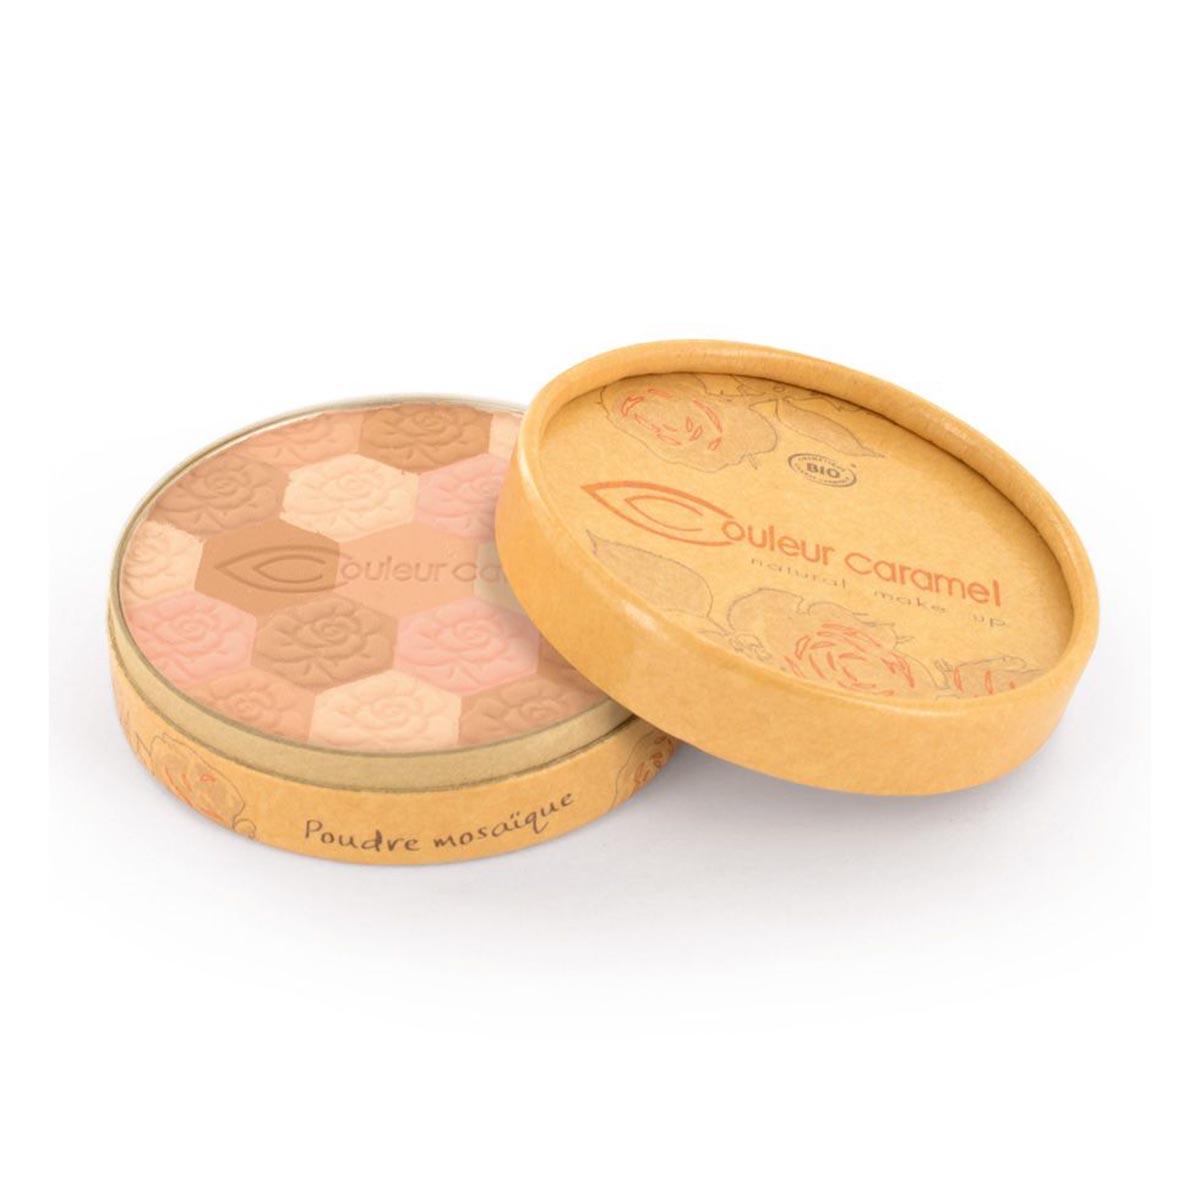 Couleur caramel poudre mosaique eclat du teint mate 232 fair skin